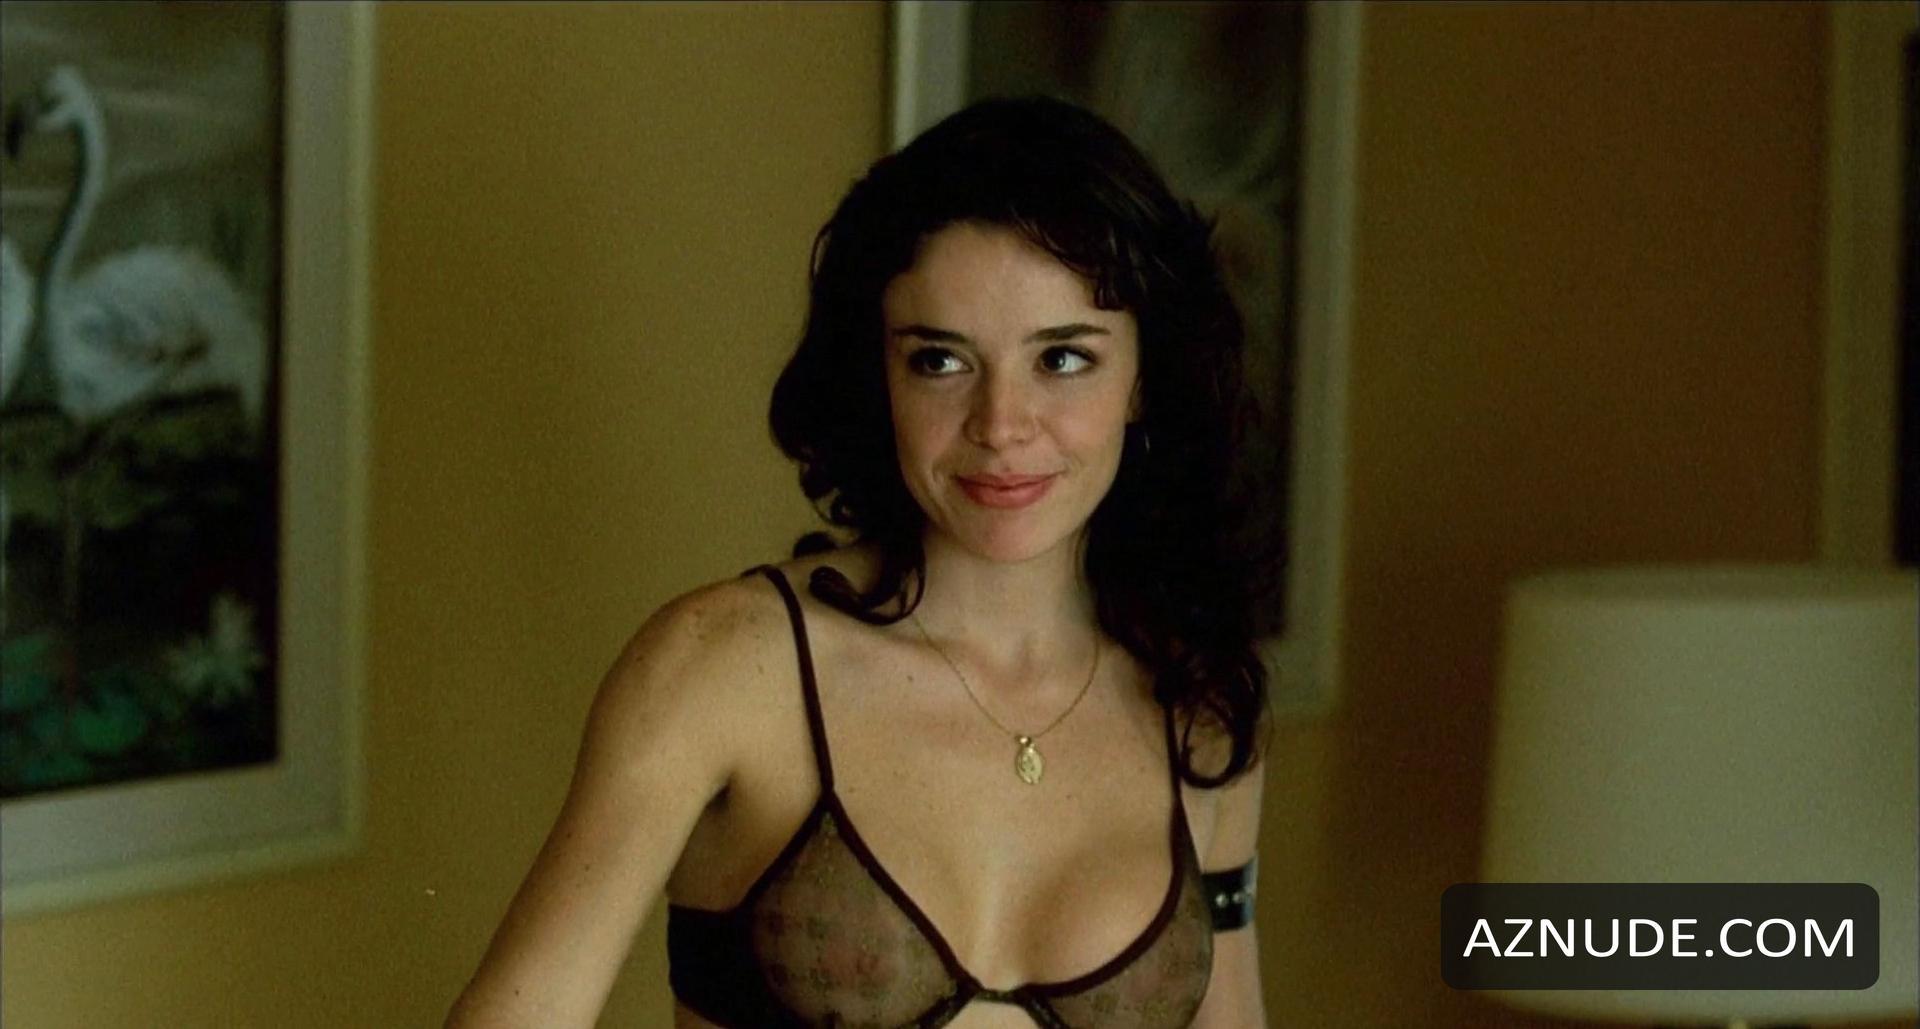 Martina garcia desnuda en perder es cuestion de metodo - 3 part 5